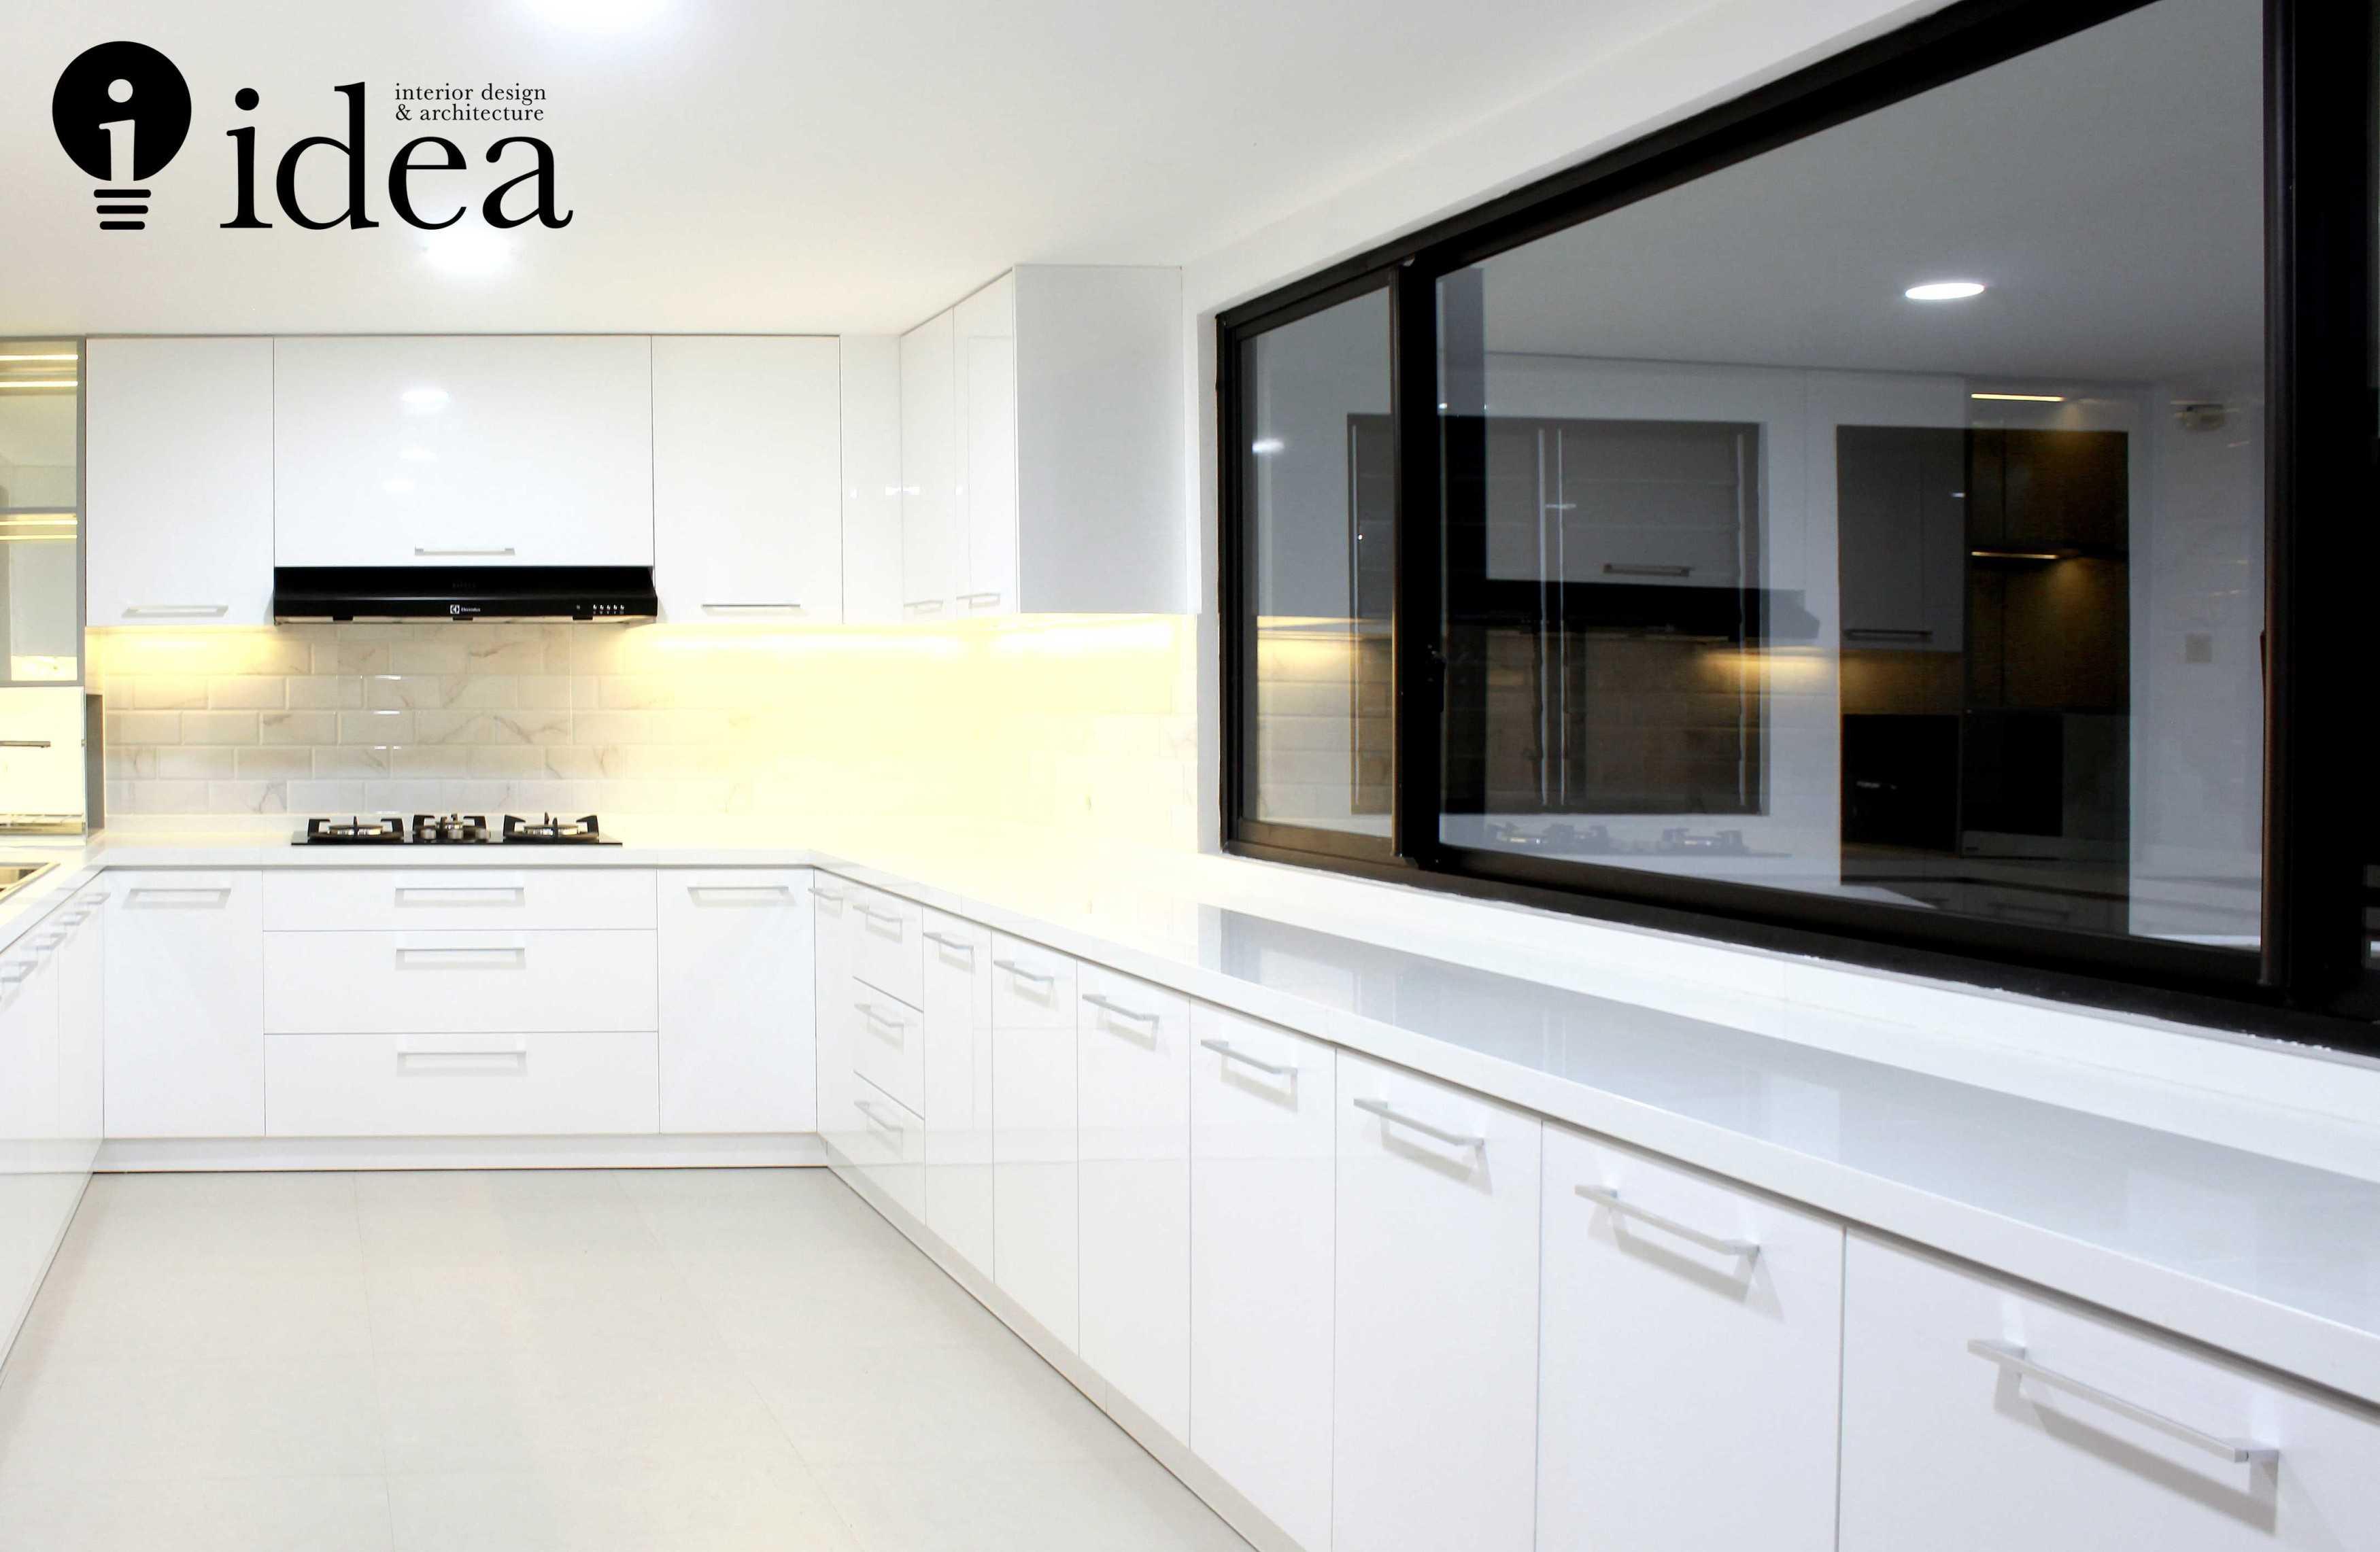 Idea Studio All White Kitchen Design Jl. Pakis Argosari, Dukuh Pakis, Kec. Dukuhpakis, Kota Sby, Jawa Timur 60224, Indonesia Jl. Pakis Argosari, Dukuh Pakis, Kec. Dukuhpakis, Kota Sby, Jawa Timur 60224, Indonesia Idea-Studio-All-White-Kitchen-Design  <P>Construction Detail.</p> <P>Built Photo</p> 79858